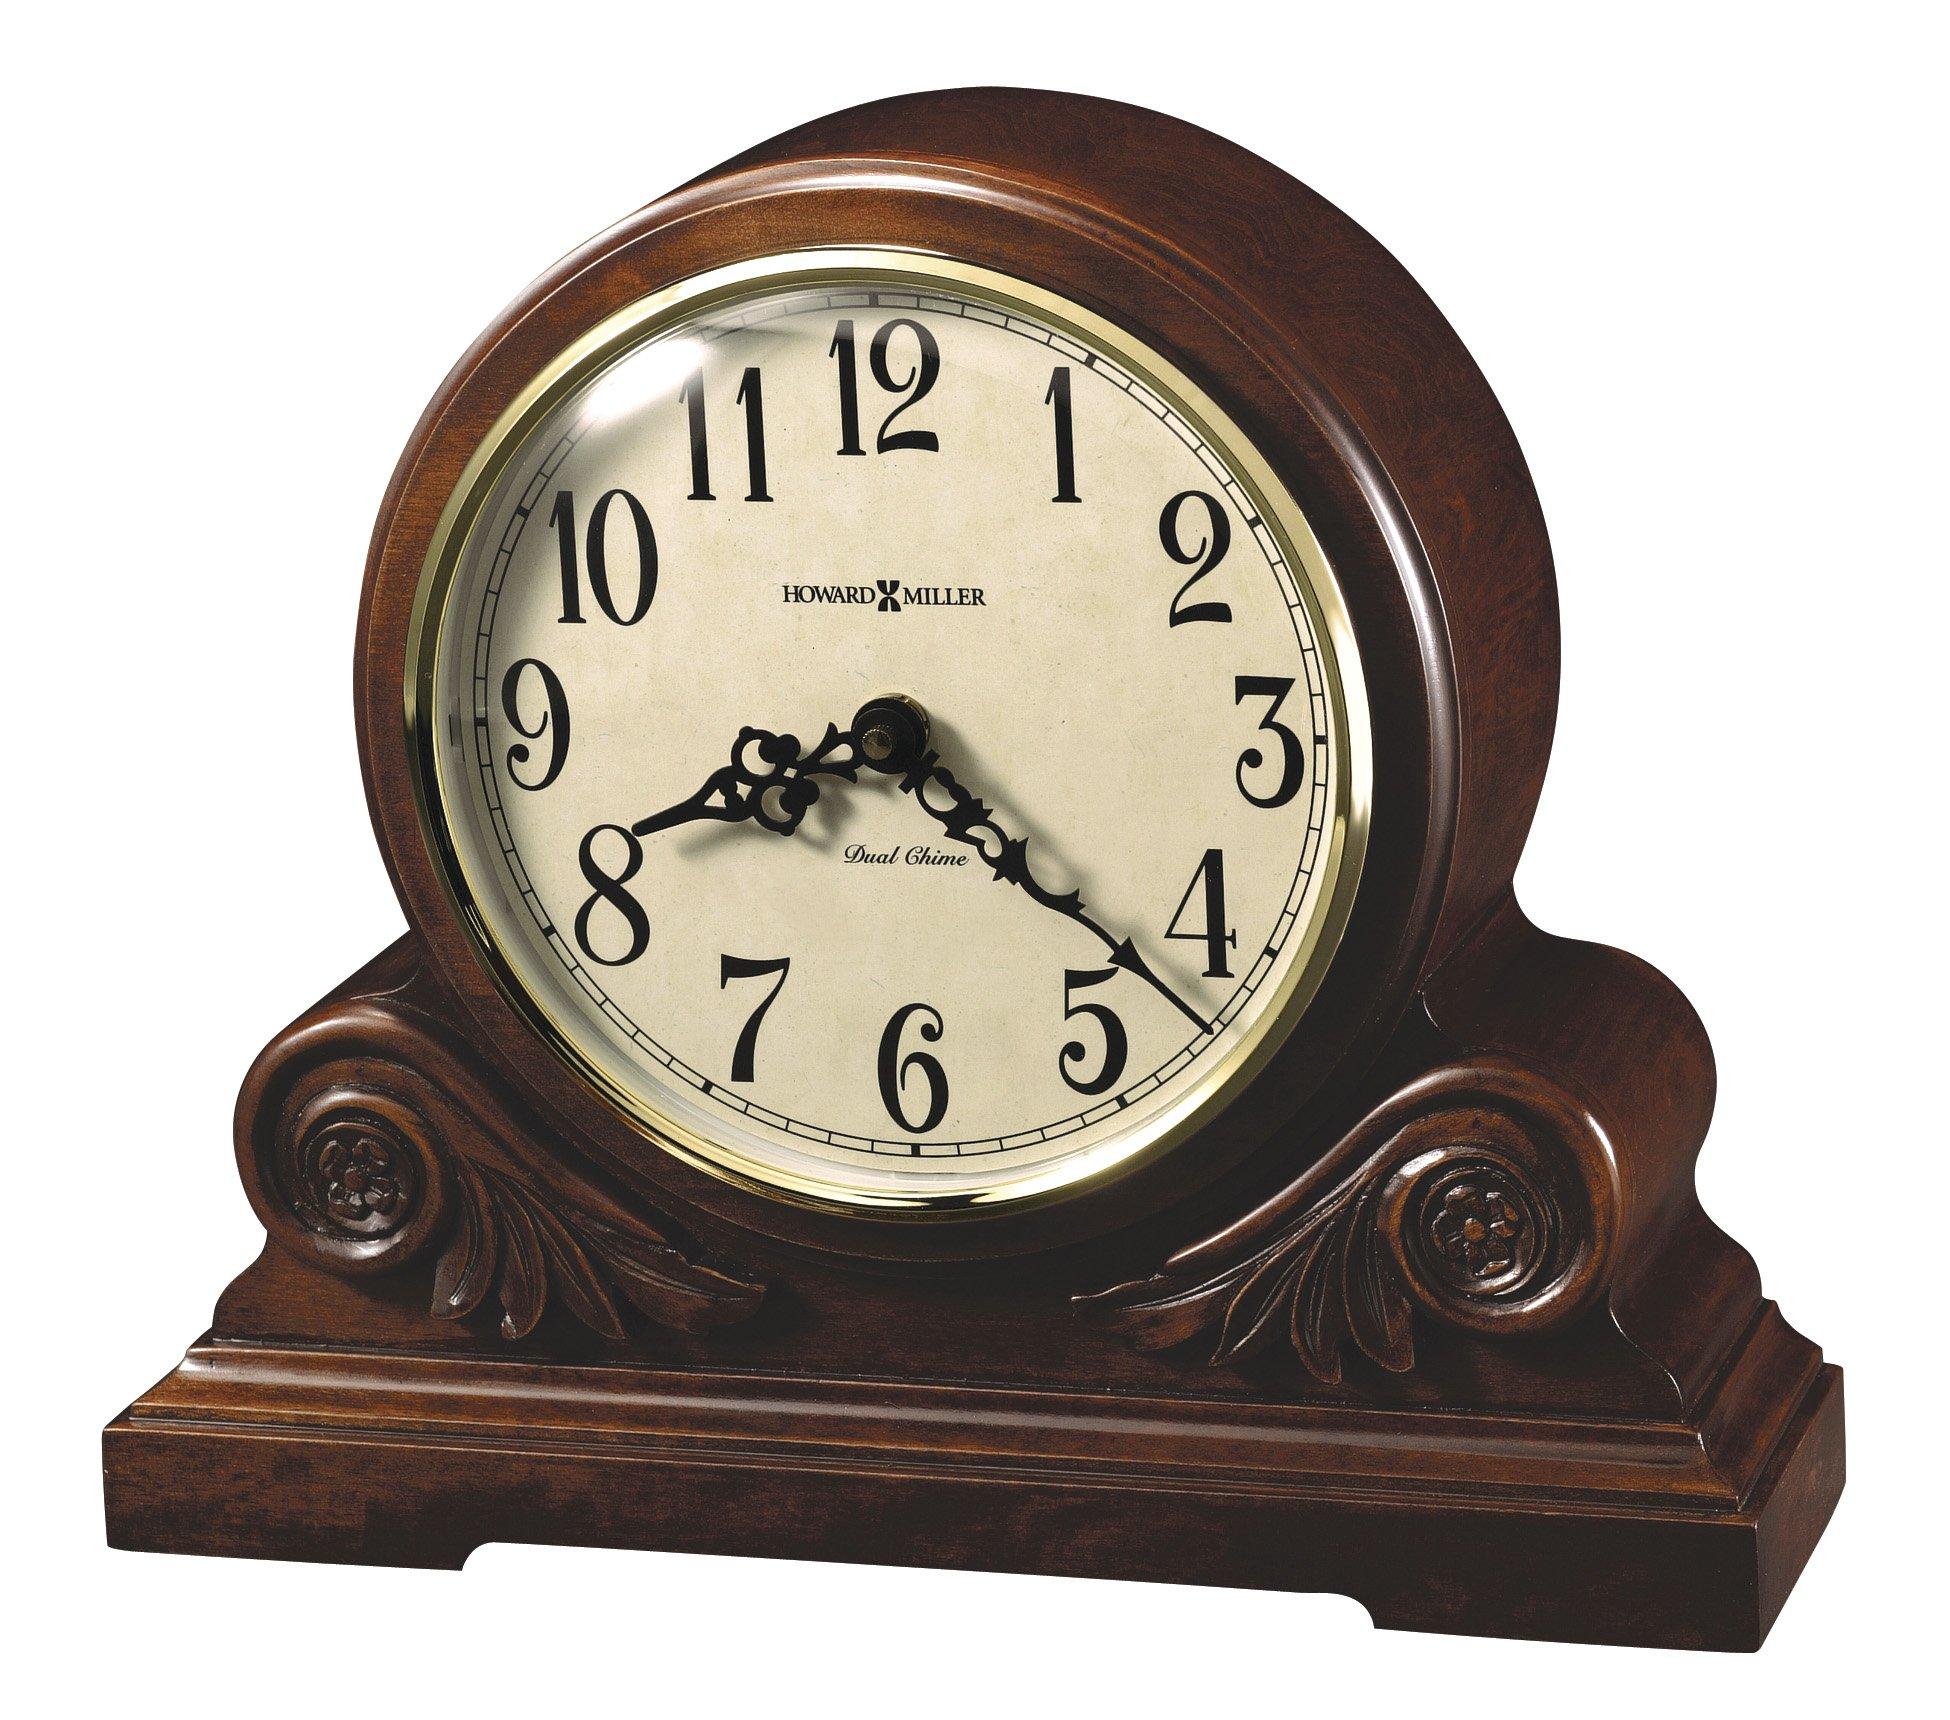 Howard Miller 635-138 Desiree Mantel Clock by Howard Miller